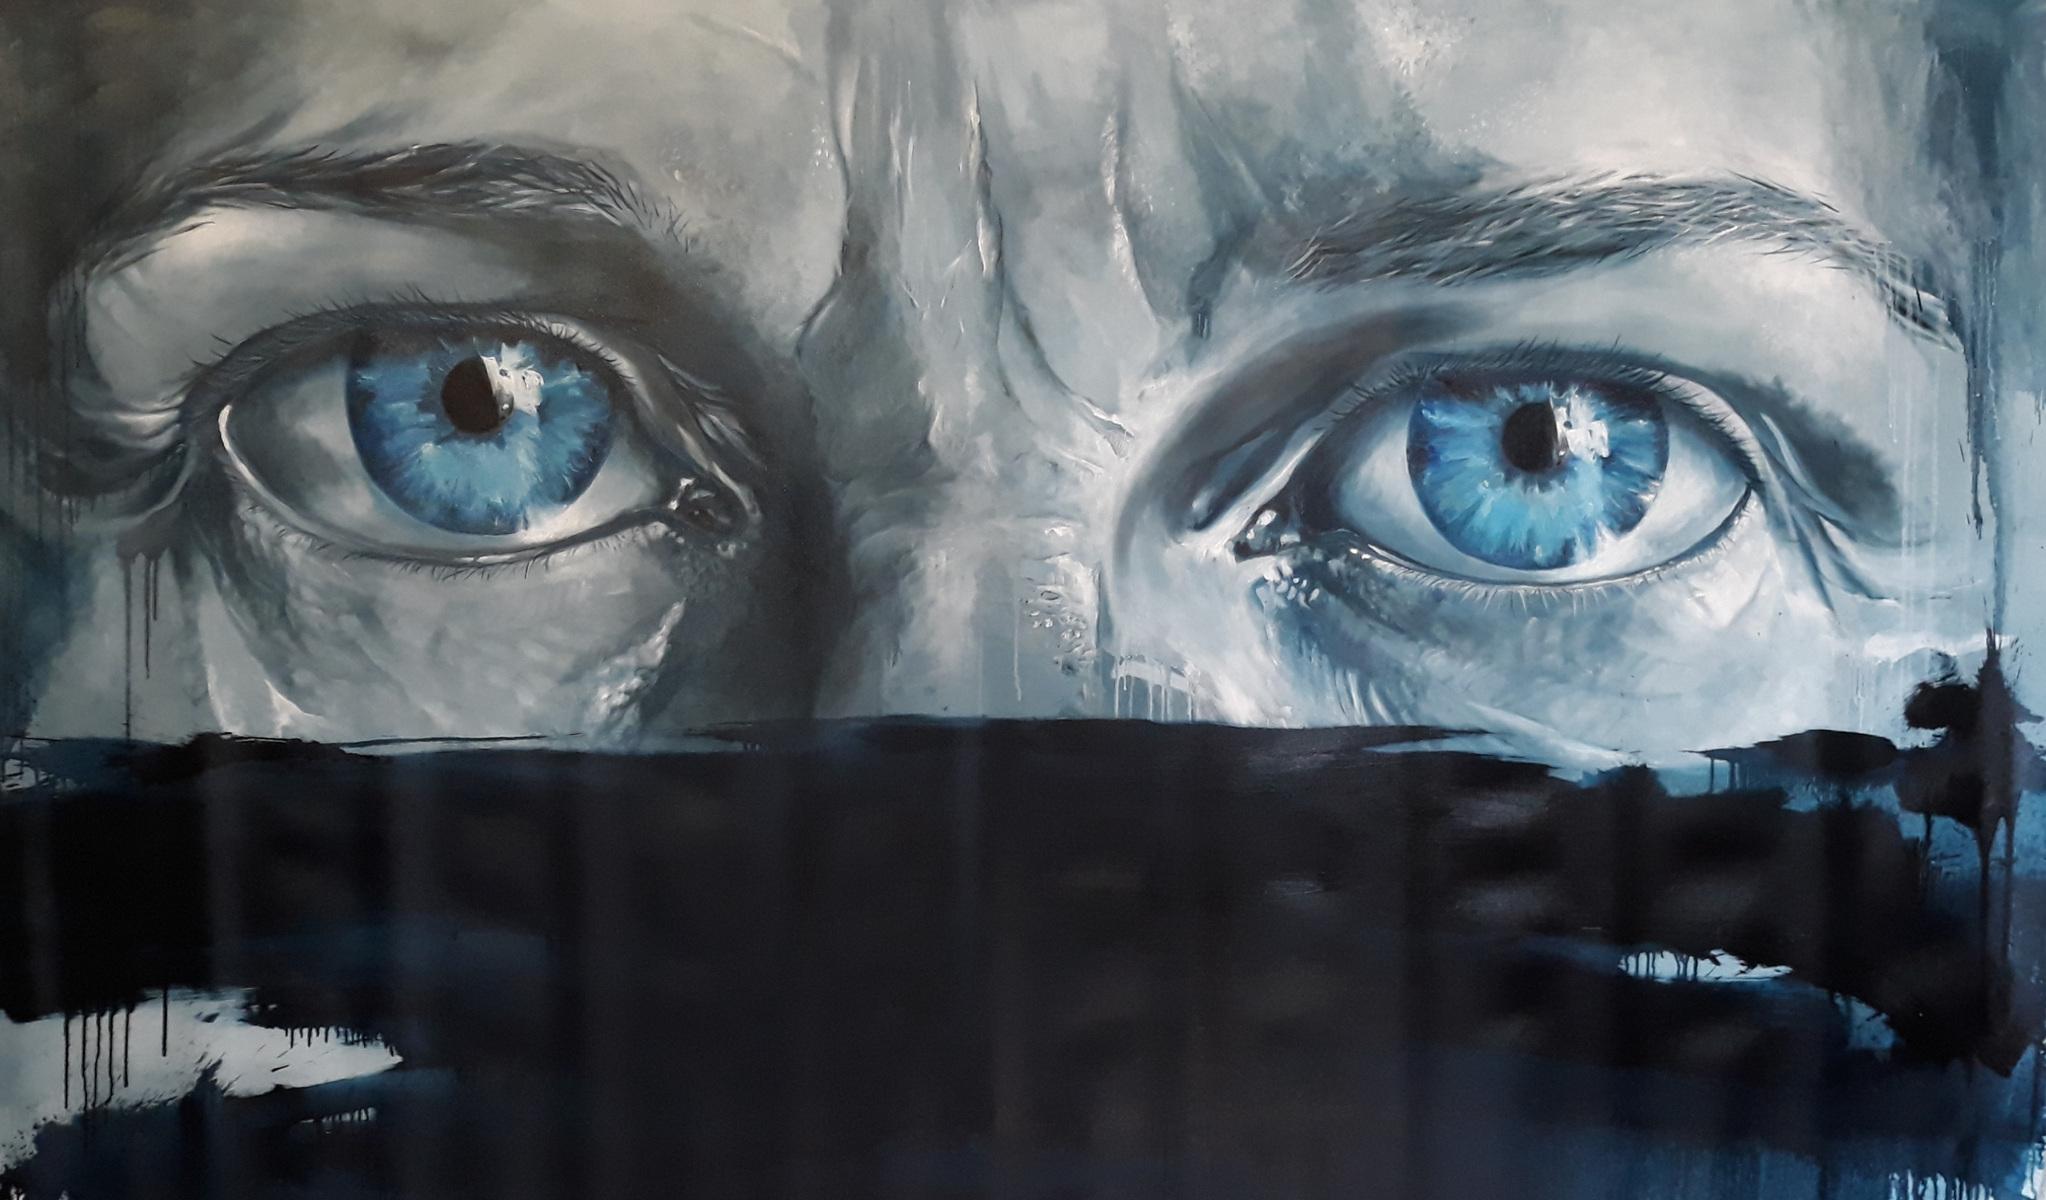 Martina Dalla Stella - Senza titolo, olio su tela, 120x170 cm, 2020